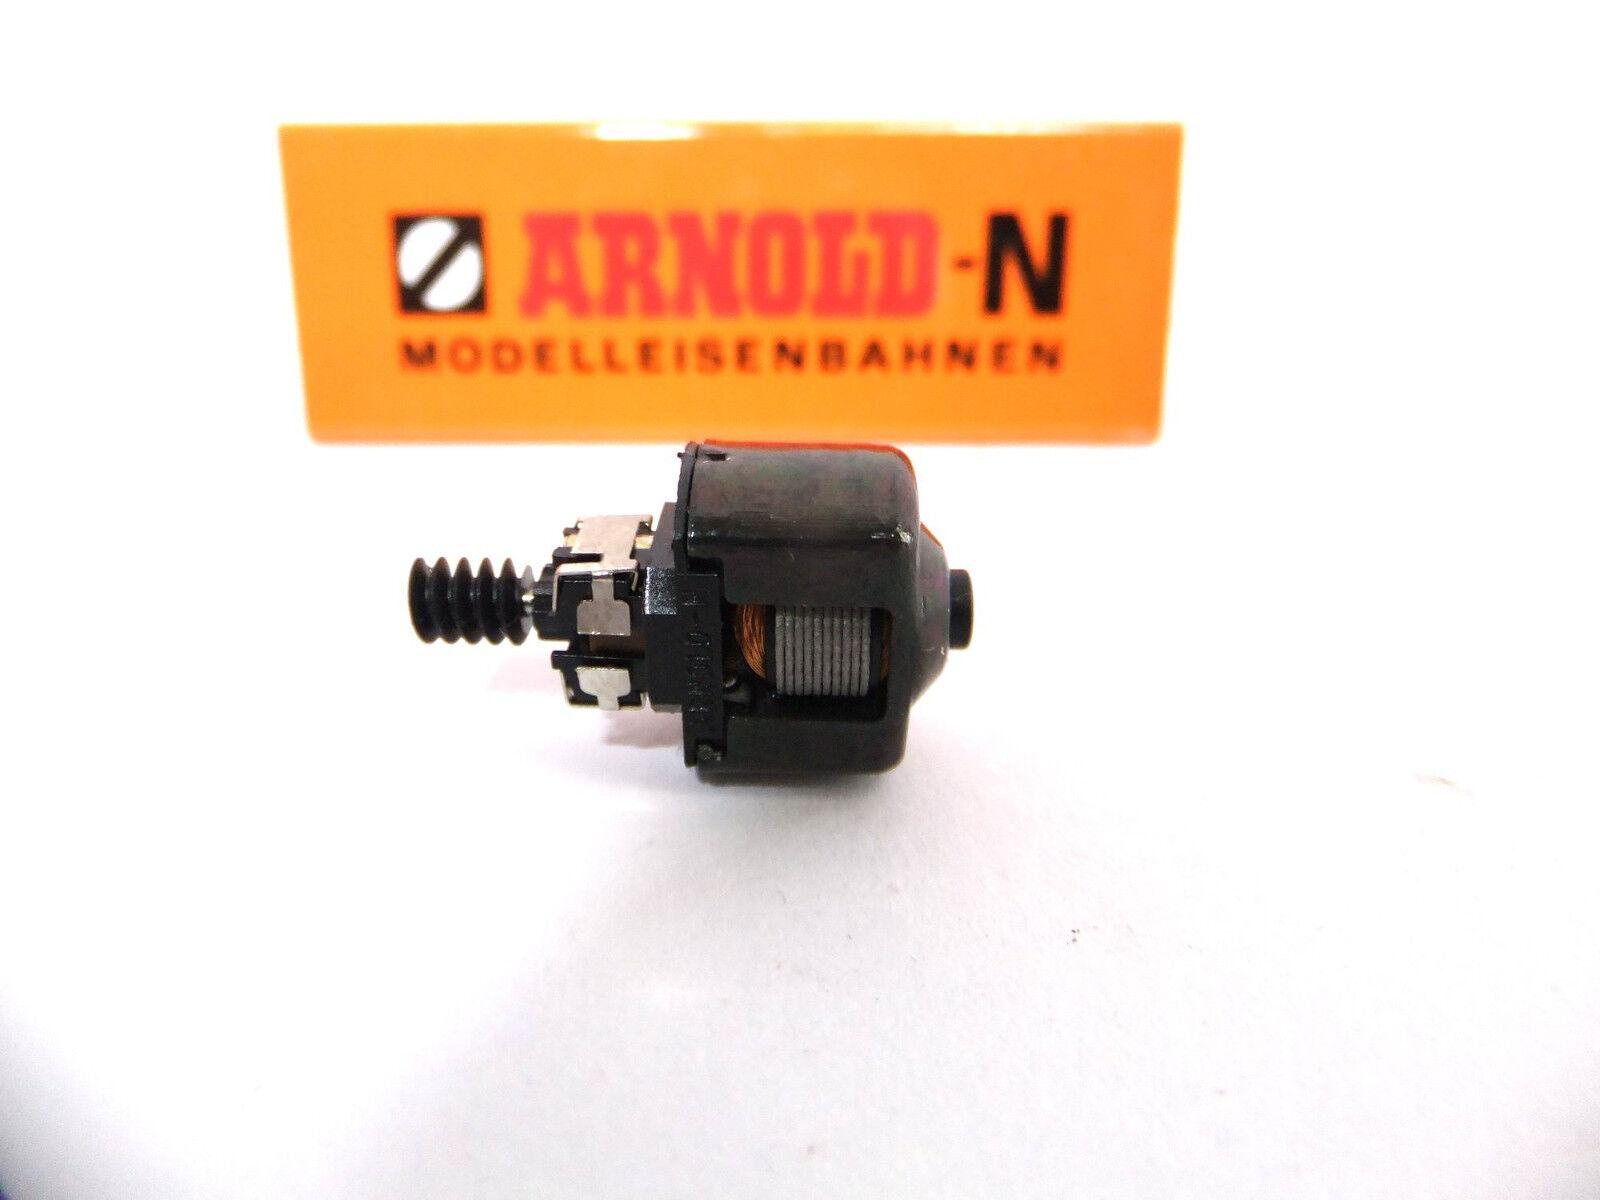 2074-030 Arnold Motore NUOVO per rotaie TRATTORE TM II 2073 2074 2075 ecc.